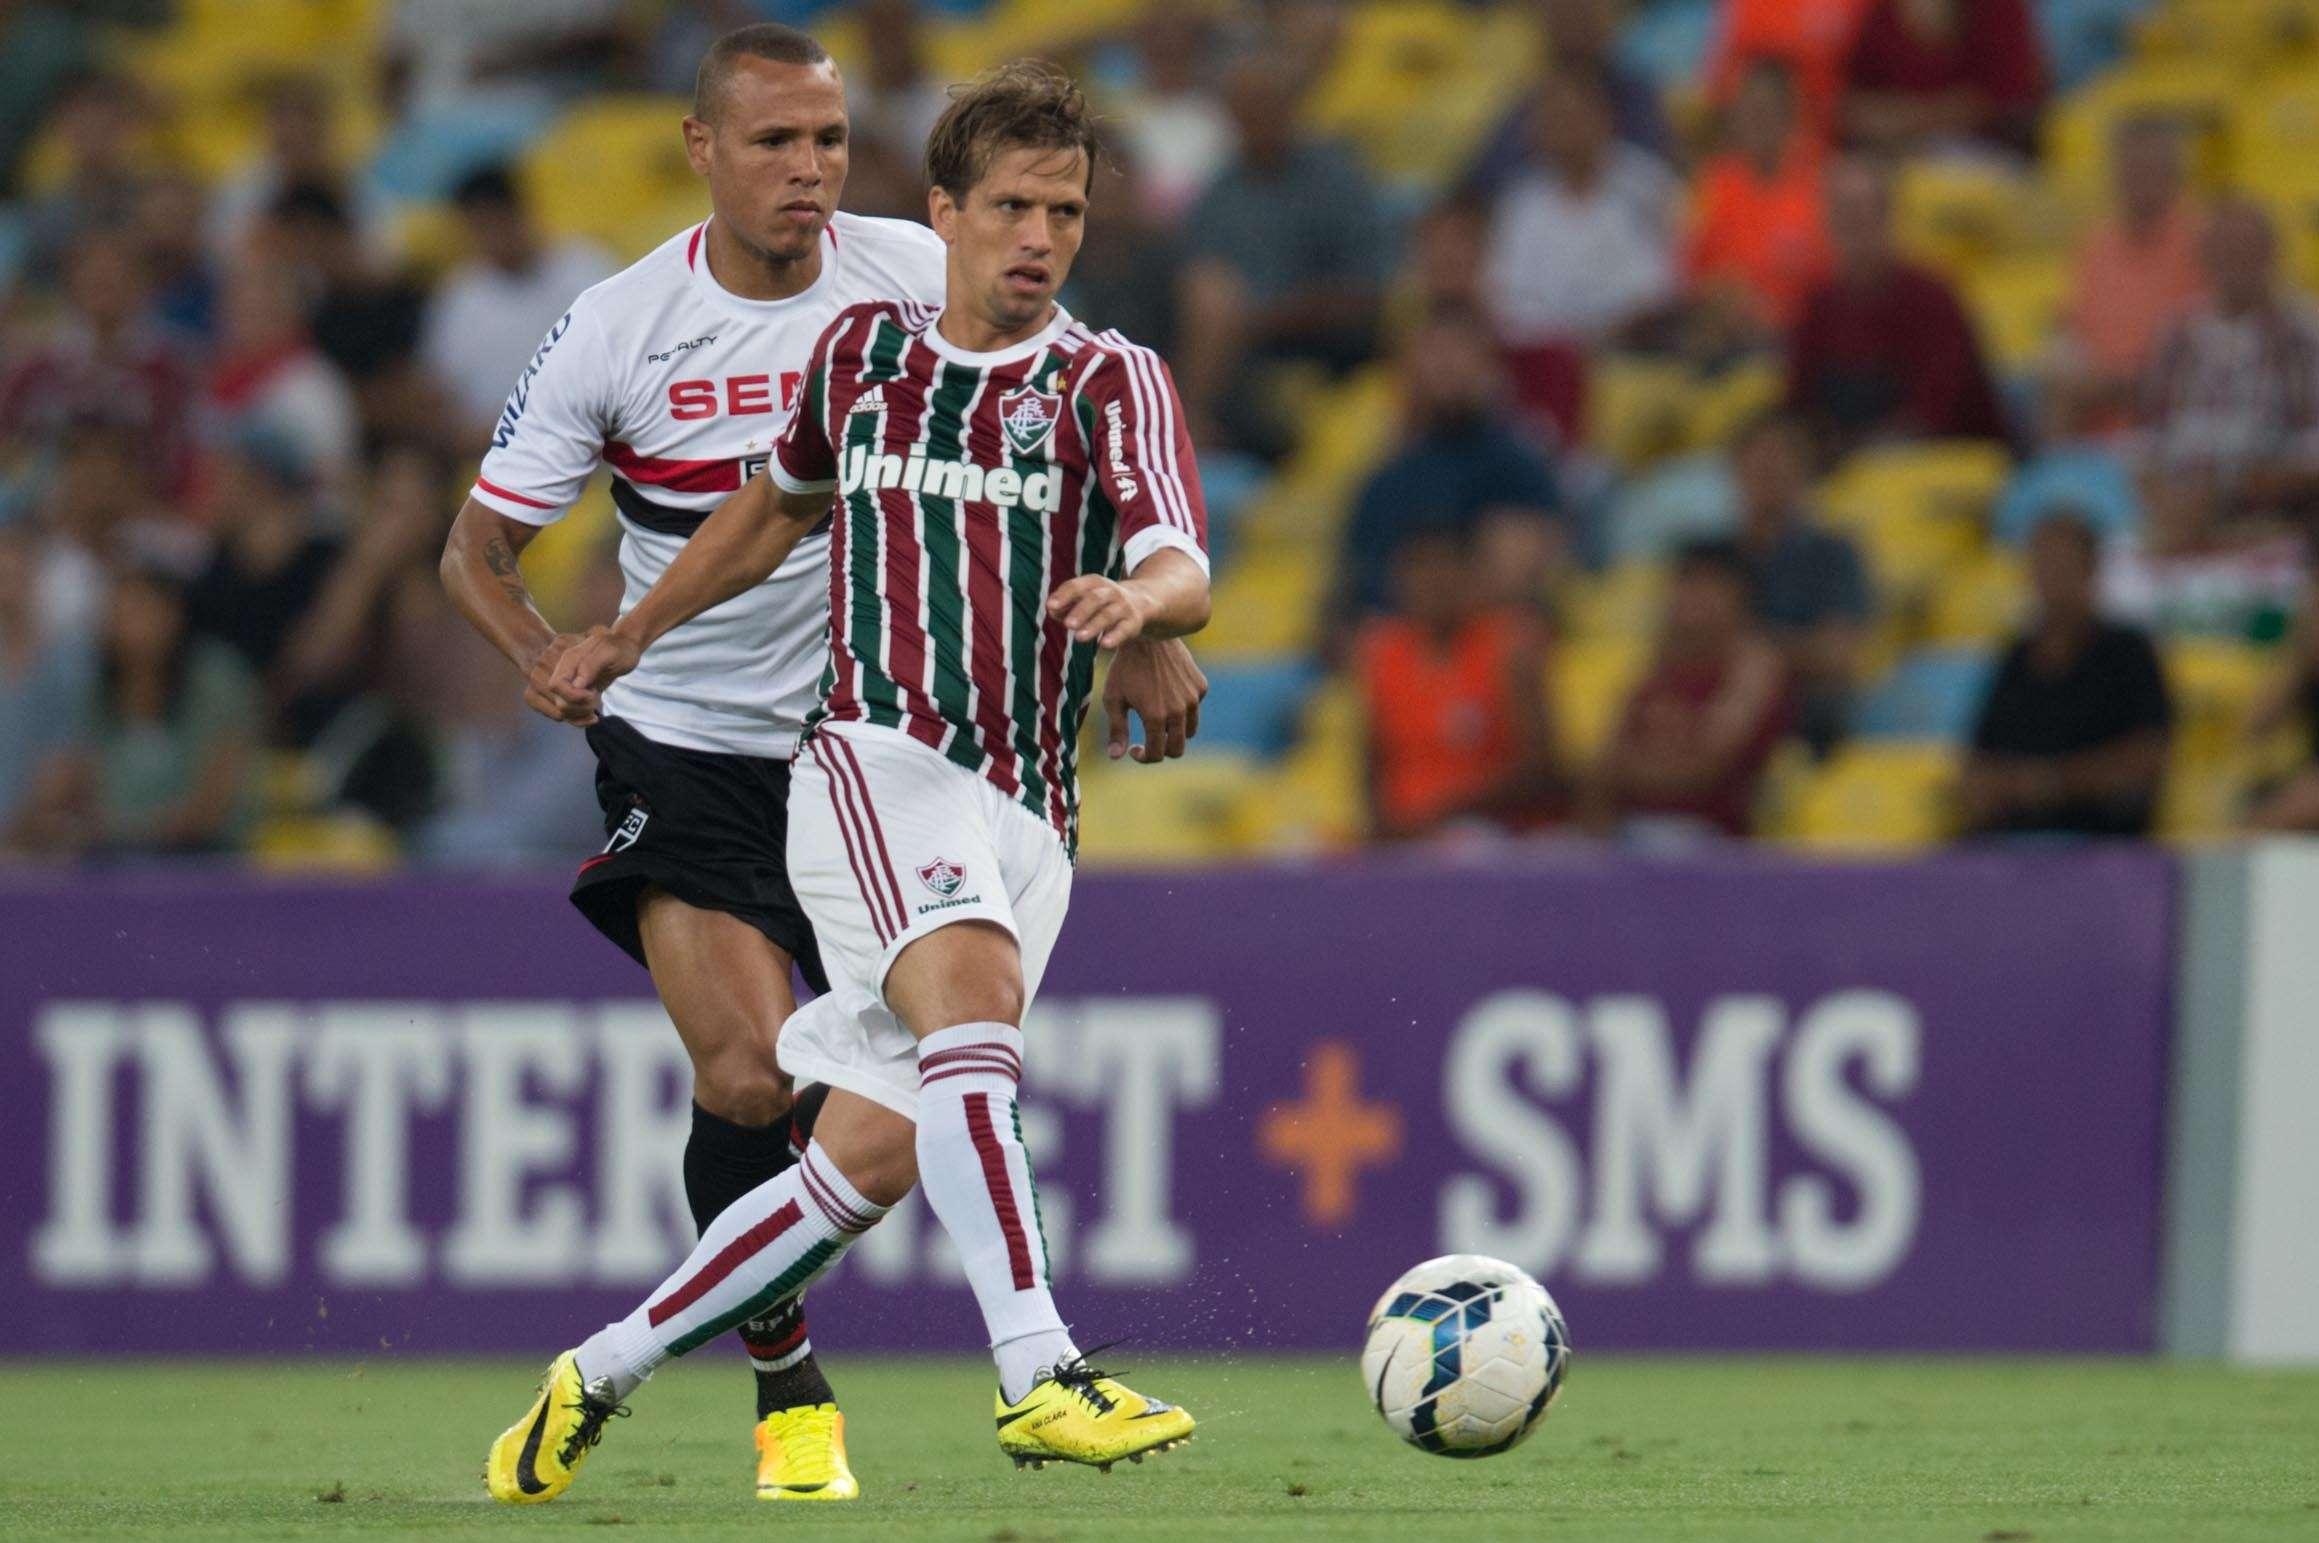 Luís Fabiano e Diguinho disputam bola no meio campo Foto: Mauro Pimentel/Terra